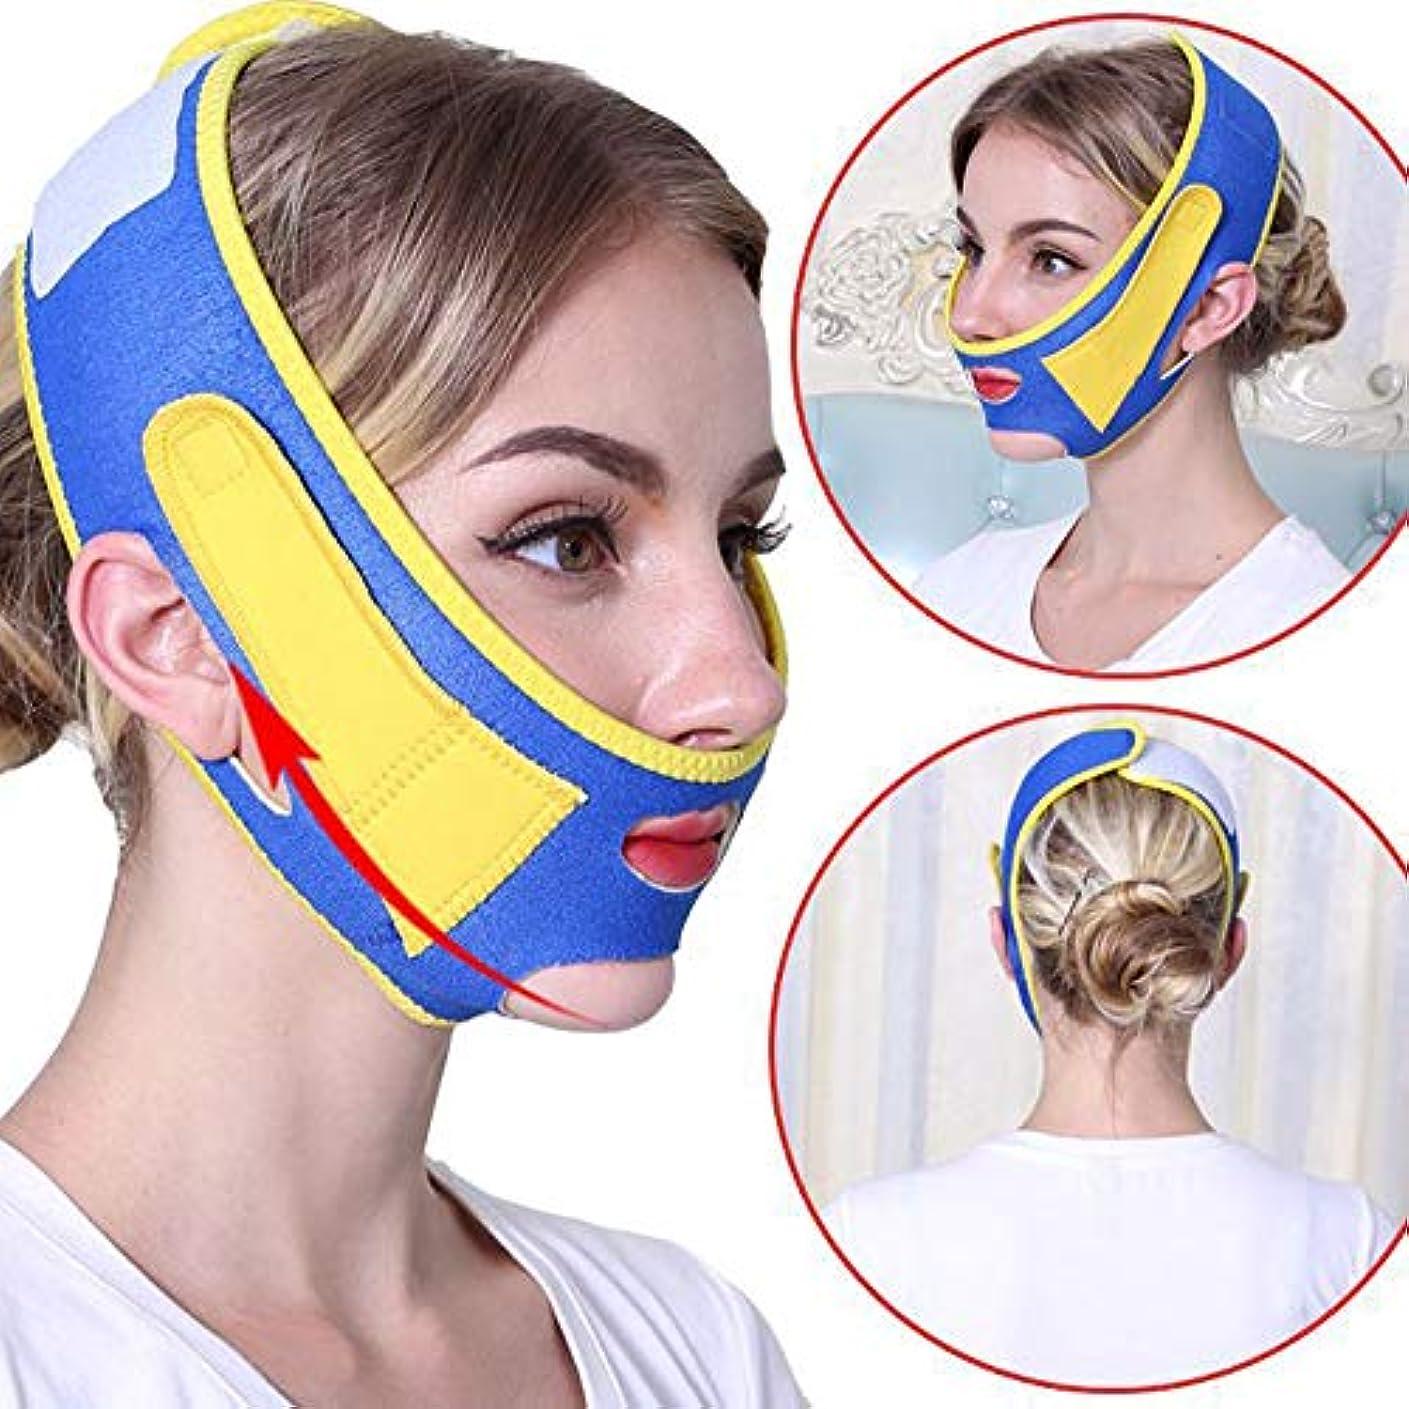 革新セマフォメディアフェイスリフティングマスク、フェイシャルリフト&ファーミングv-faceアーチファクトシェイプ美容弾性スリーブ薄顔包帯